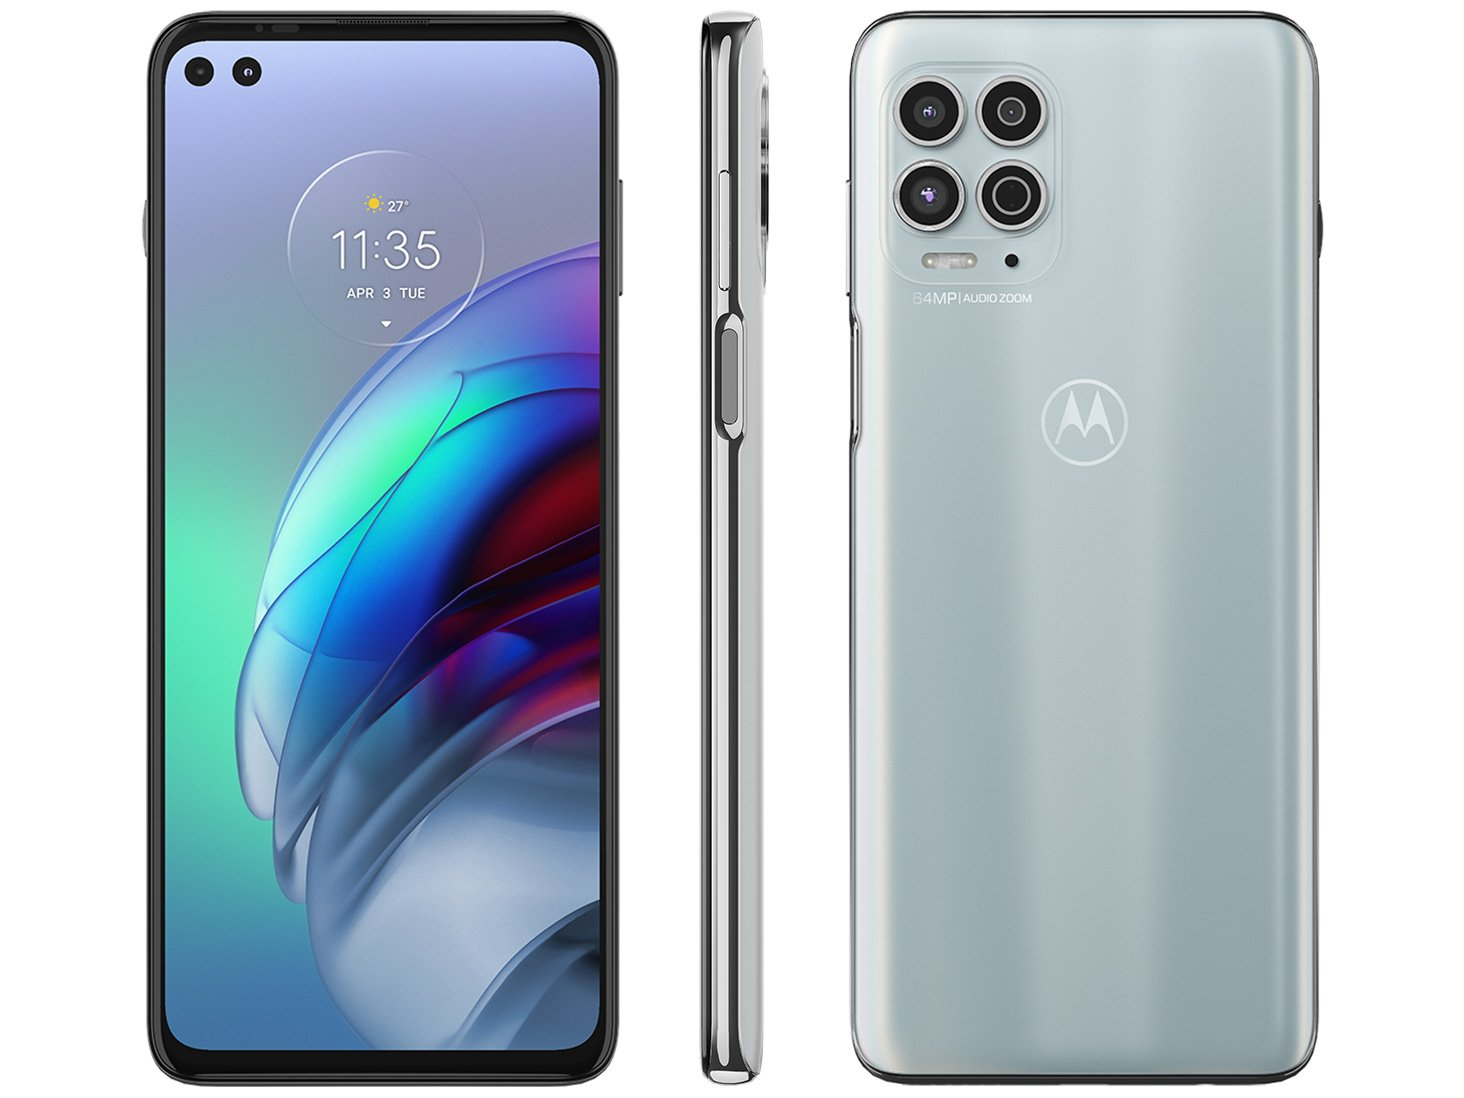 """Smartphone Motorola Moto G100 Luminous Sky 256GB, 12GB RAM, Tela de 6.7"""", 5G, Câmera Quádrupla, Android 11 e Processador Qualcomm 870 Octa-Core - 1"""